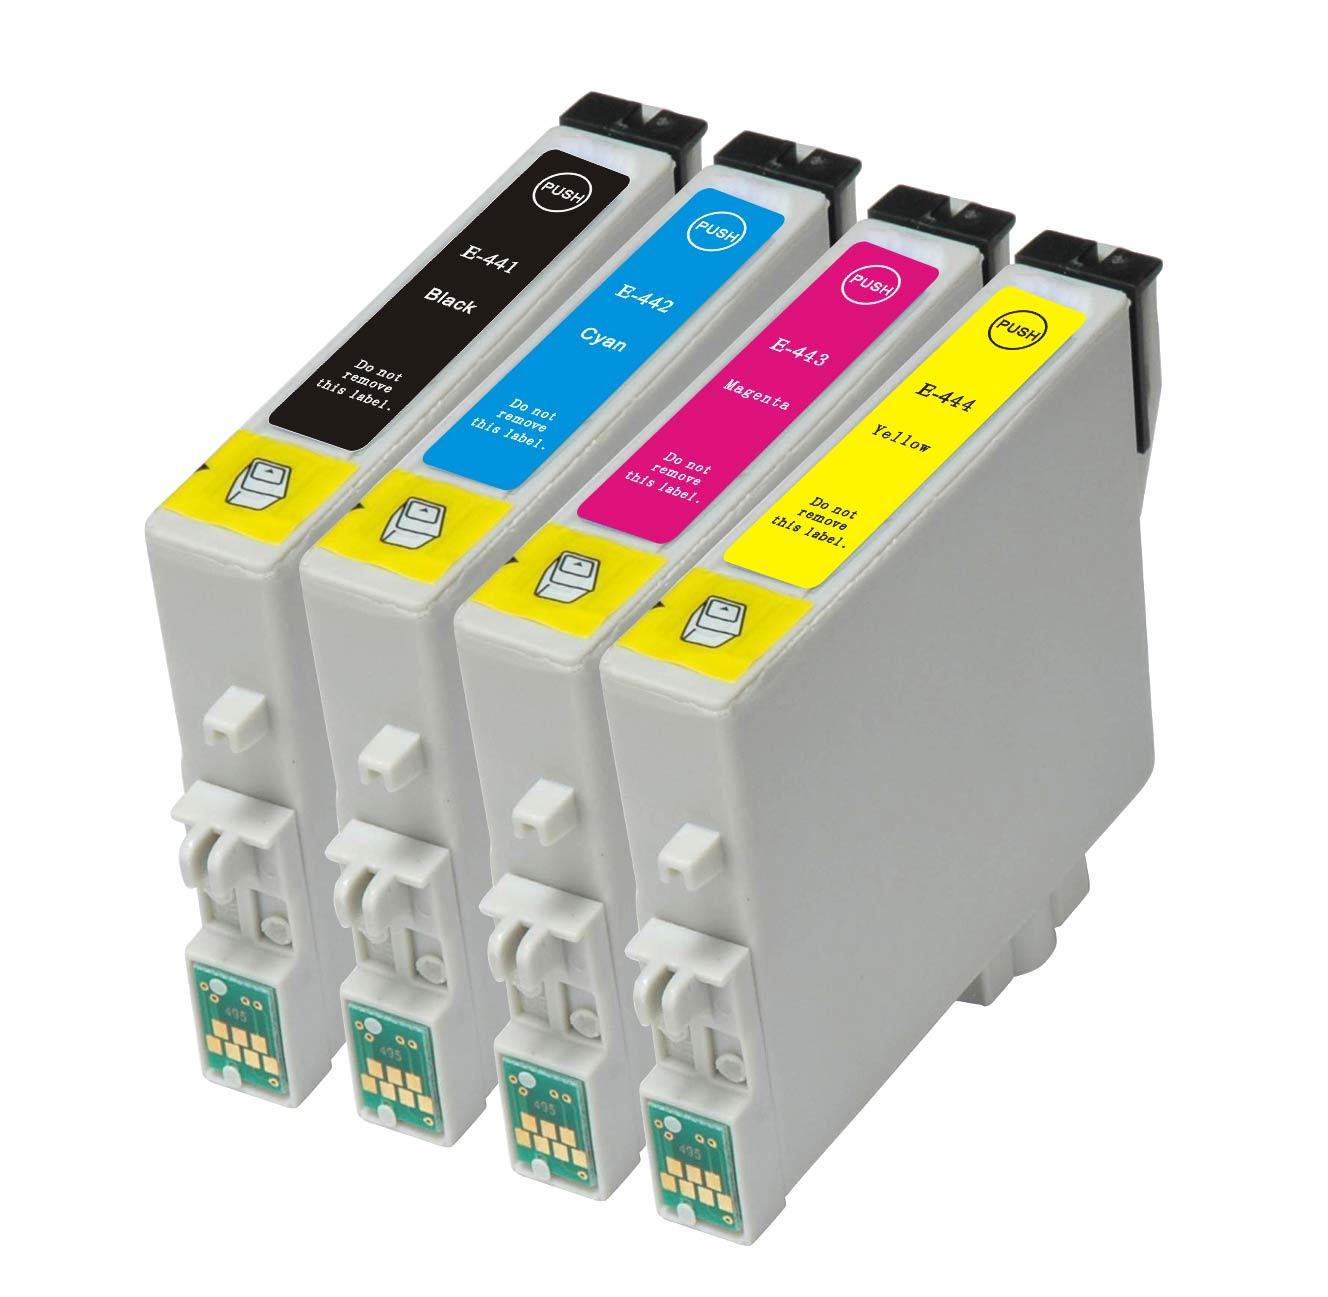 Epson printer herkent cartridge niet. De oplossing!